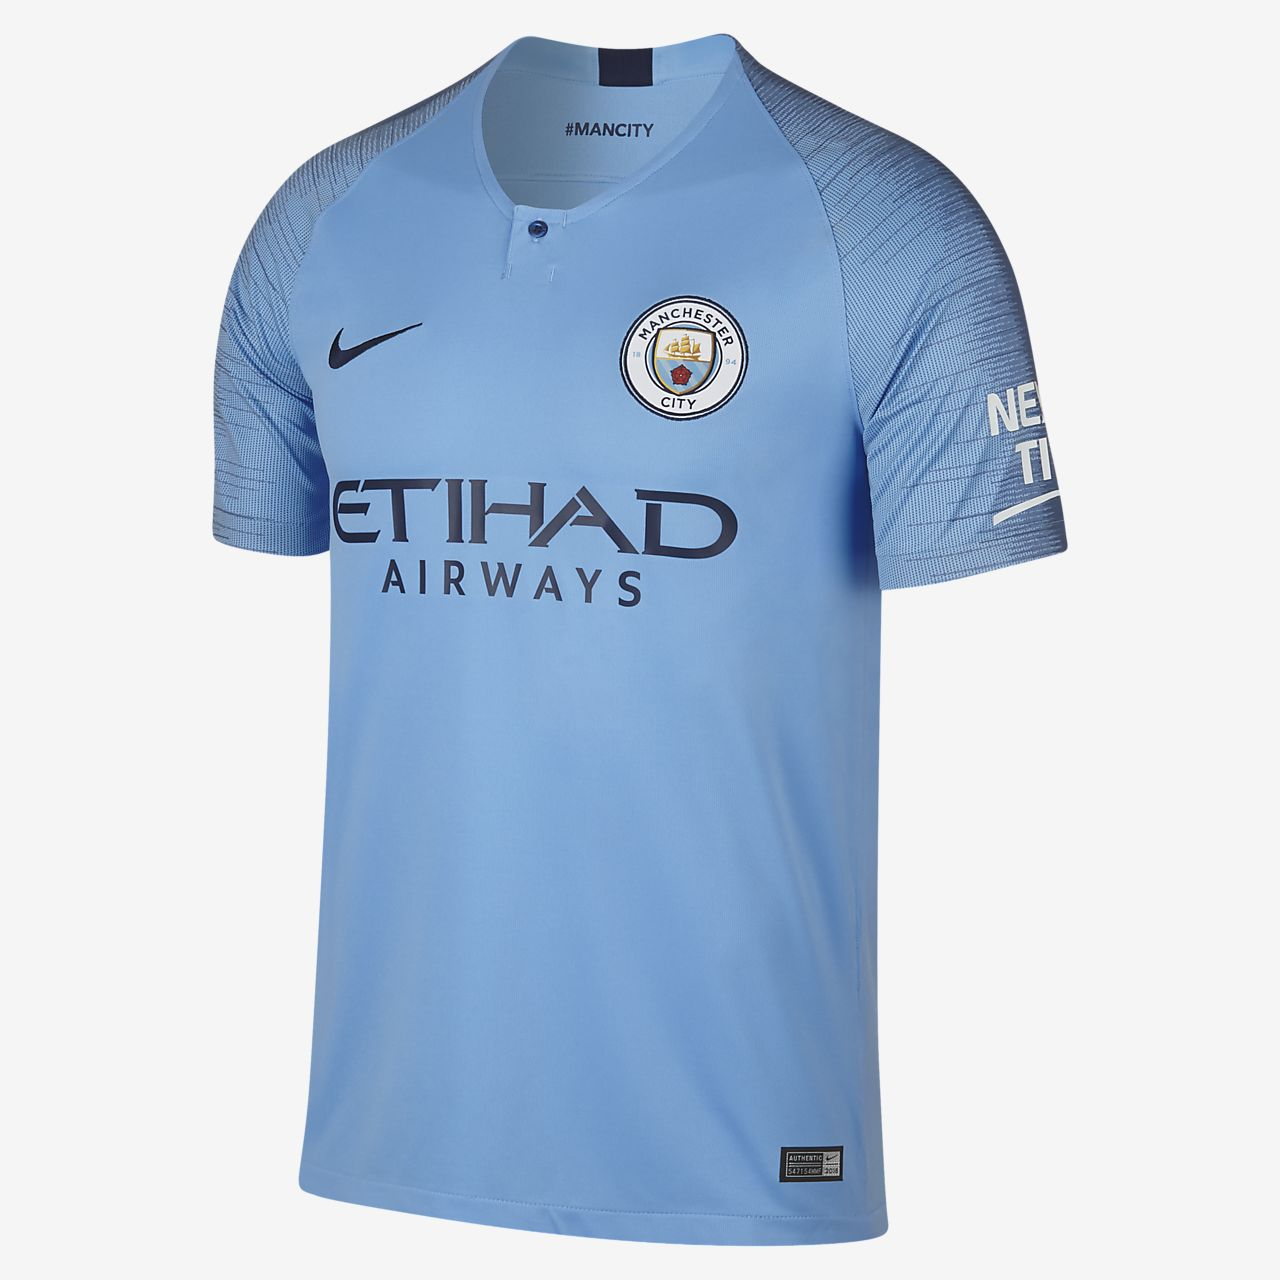 2018/19 Manchester City FC Stadium Home Men's Football Shirt